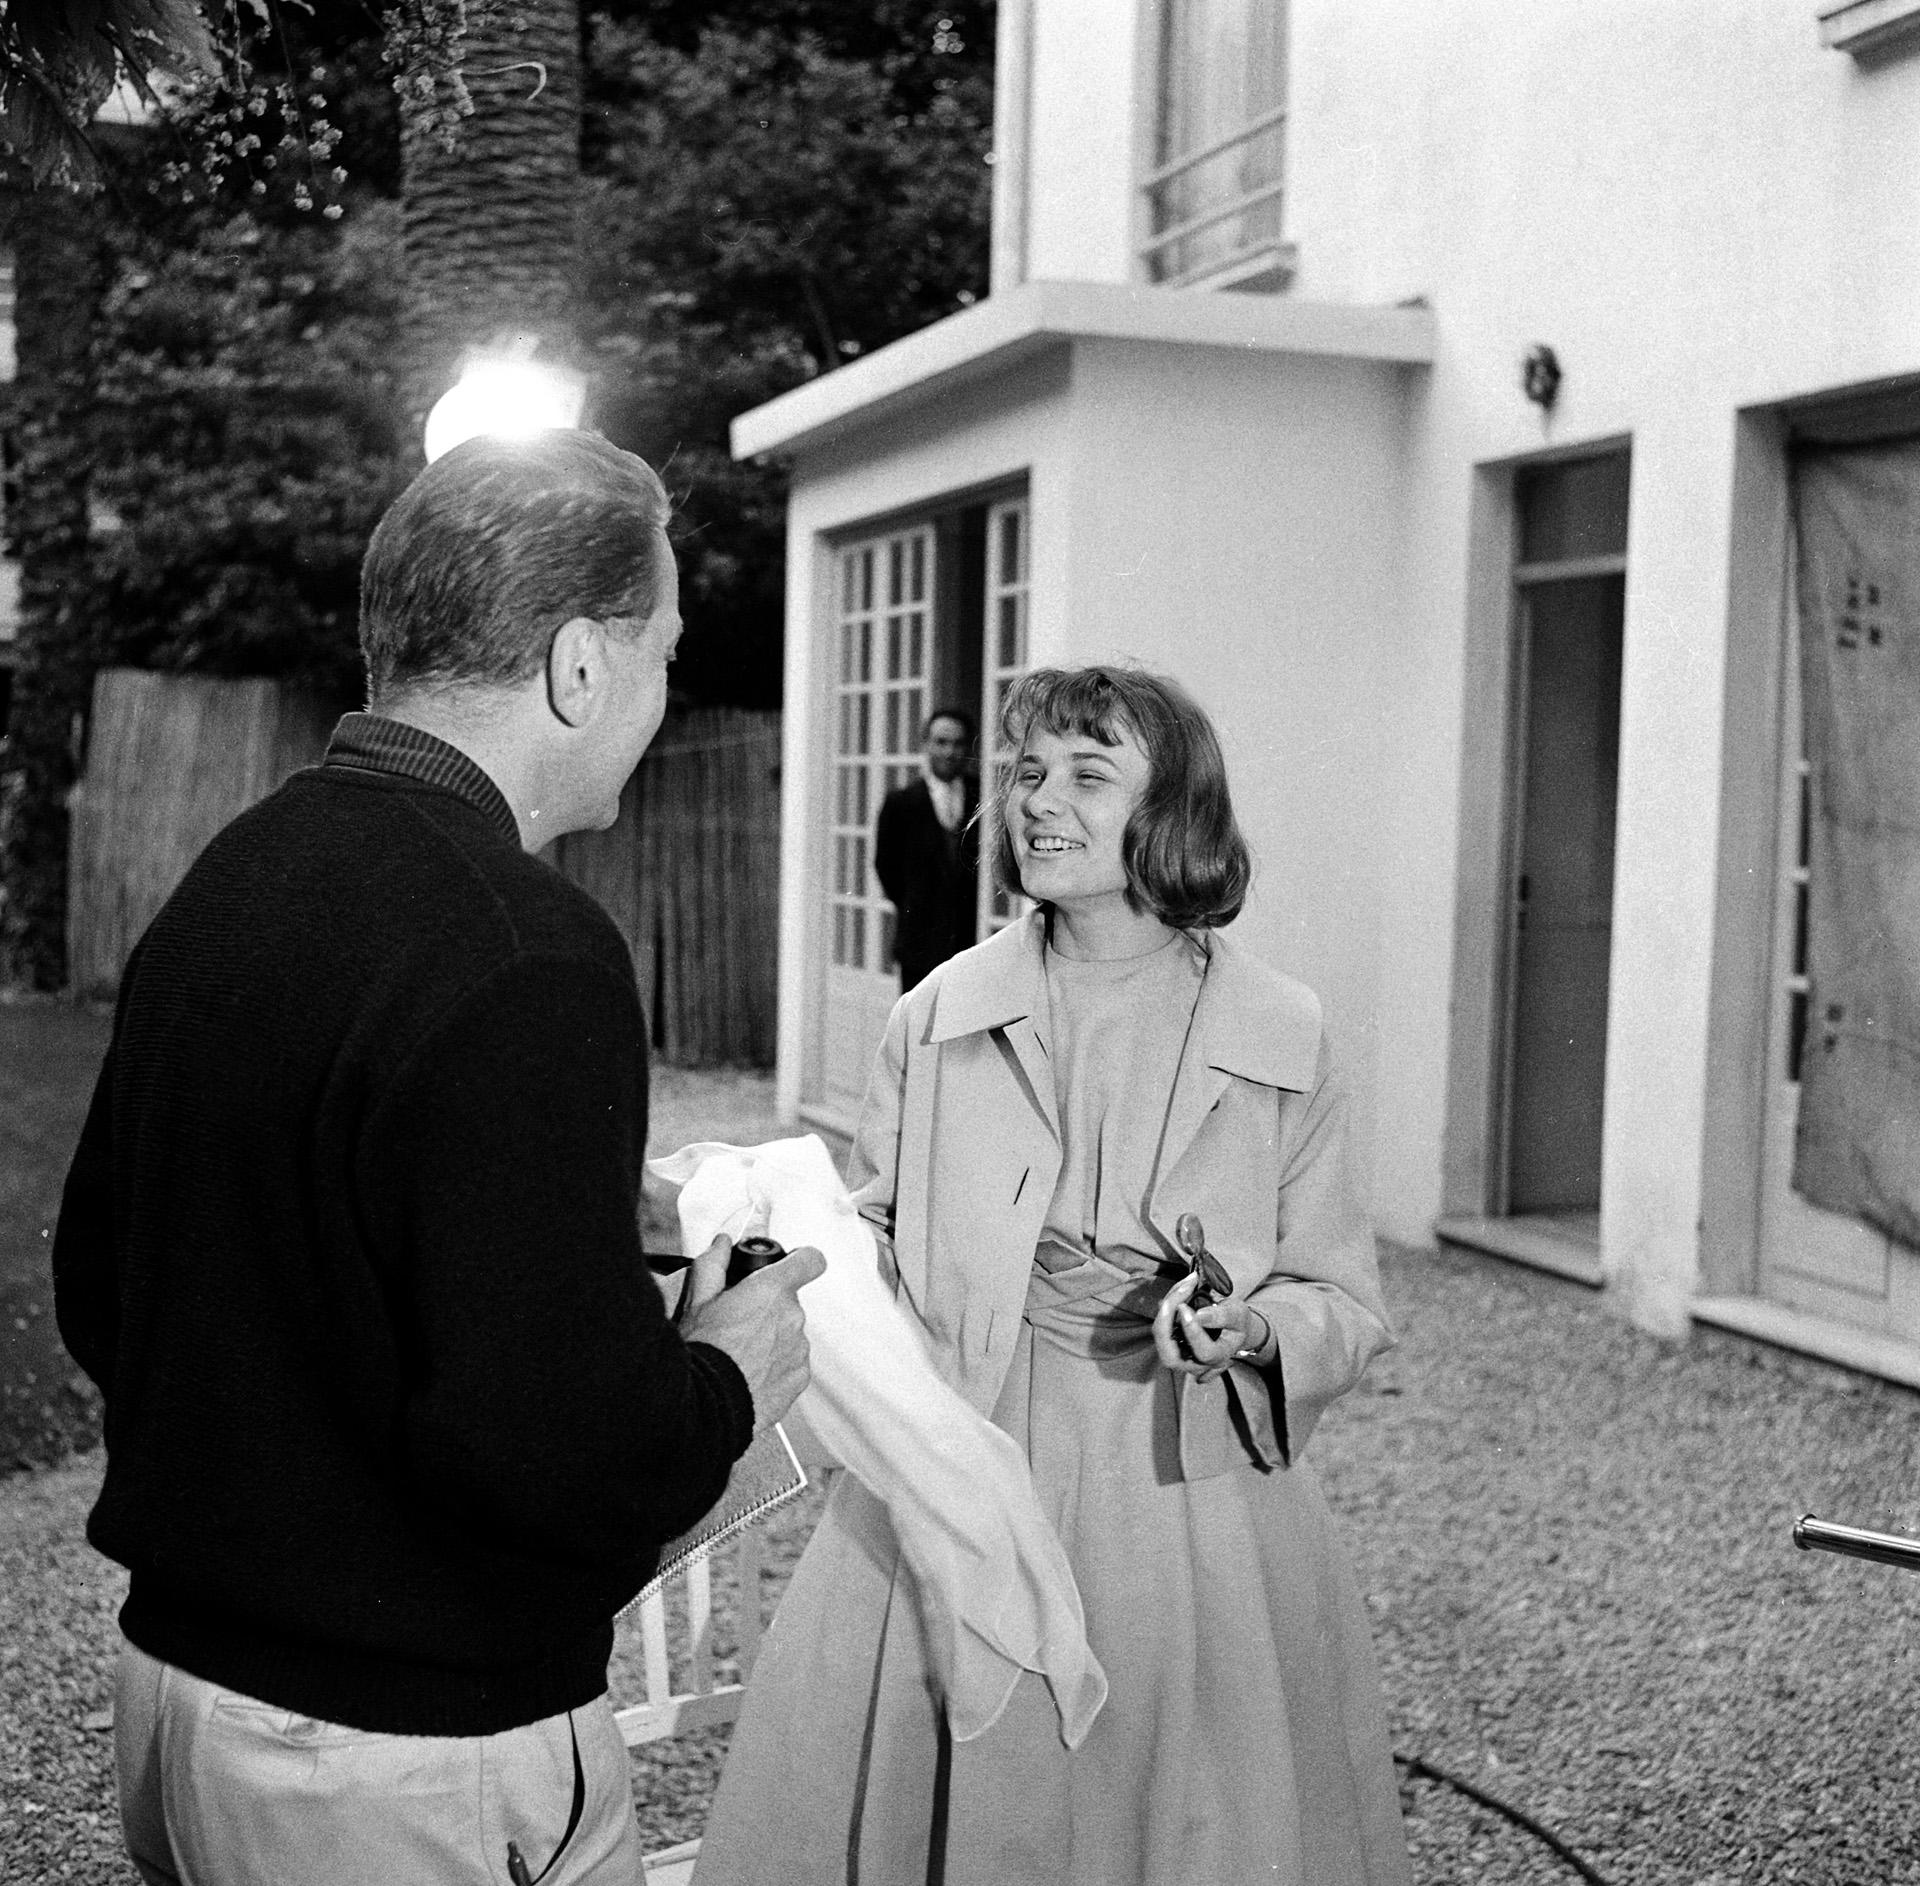 Egy fotózáson az 1959-es Cannes-i Filmfesztiválon. (Photo by Daniel Fallot / Ina / Ina via AFP)